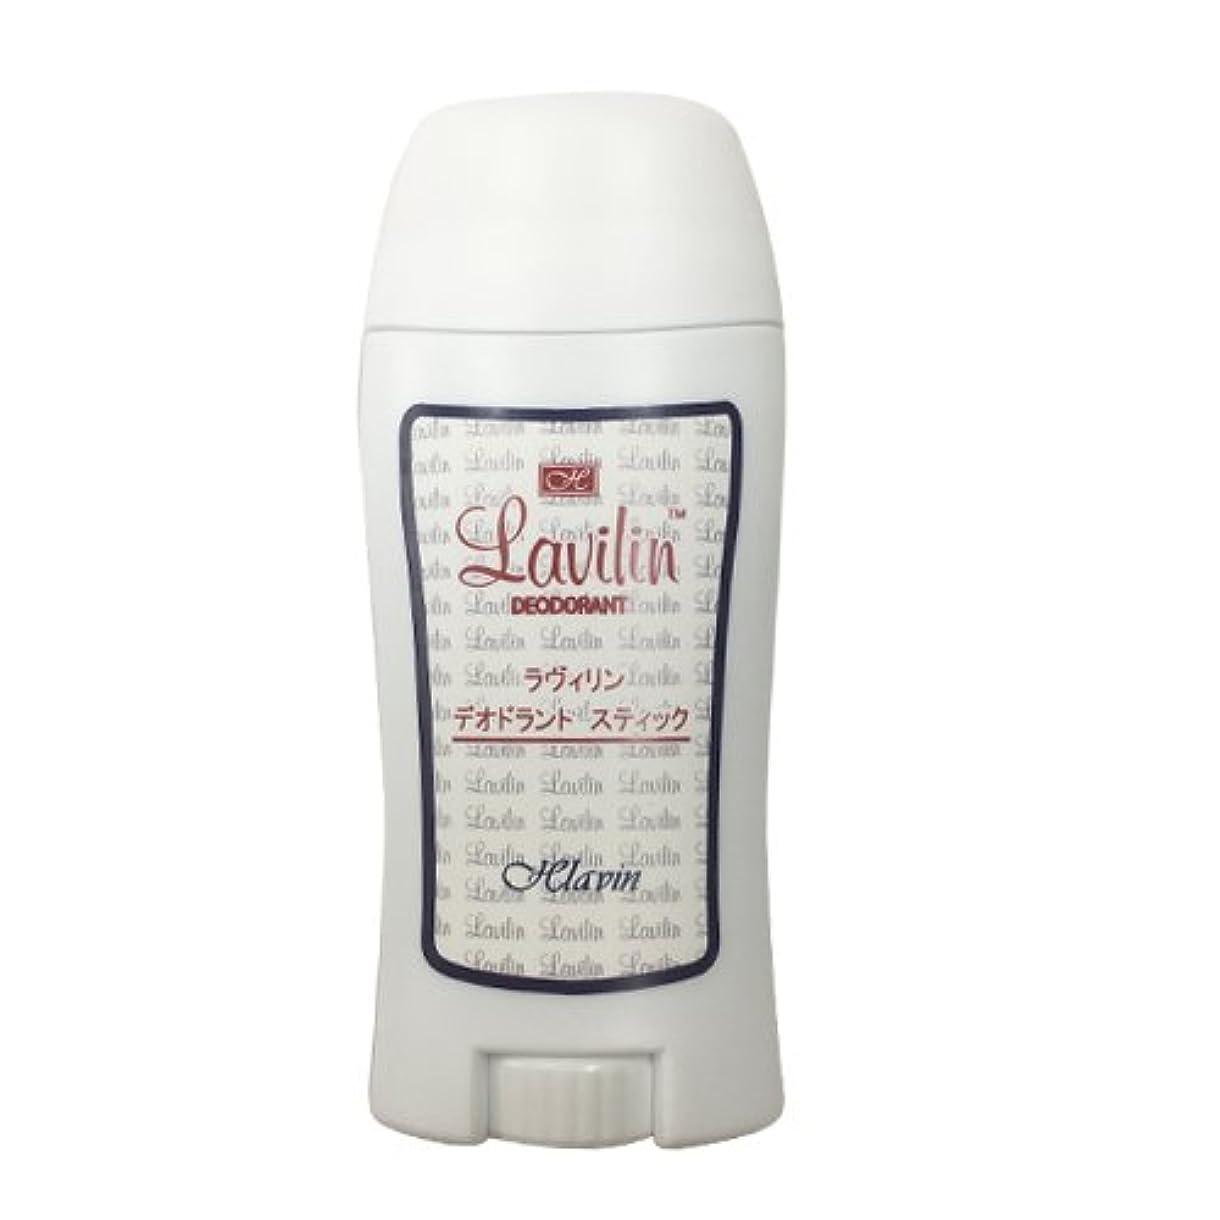 マーティフィールディング群がるカップルラヴィリン デオドラント スティック (Lavilin deodorant stick) 60ml